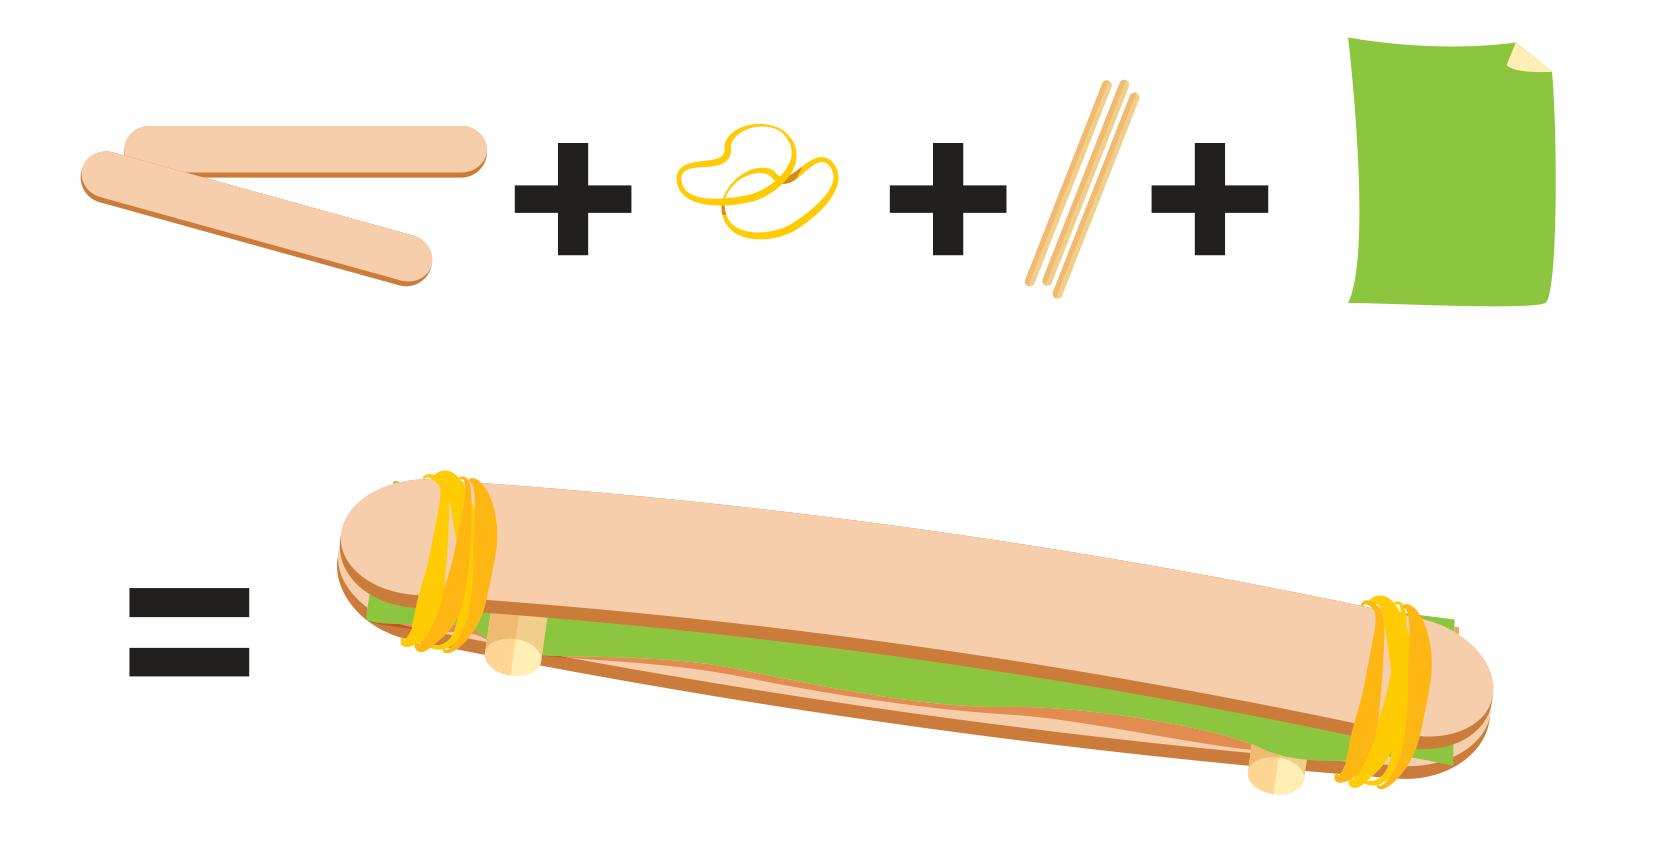 ilustração dos materiais necessários para a confecção do instrumento de sopro, sendo palitos largos de picolé, elásticos, palito de dente e um pedaço de papel, seguido de imagem ilustrando o instrumento montado.